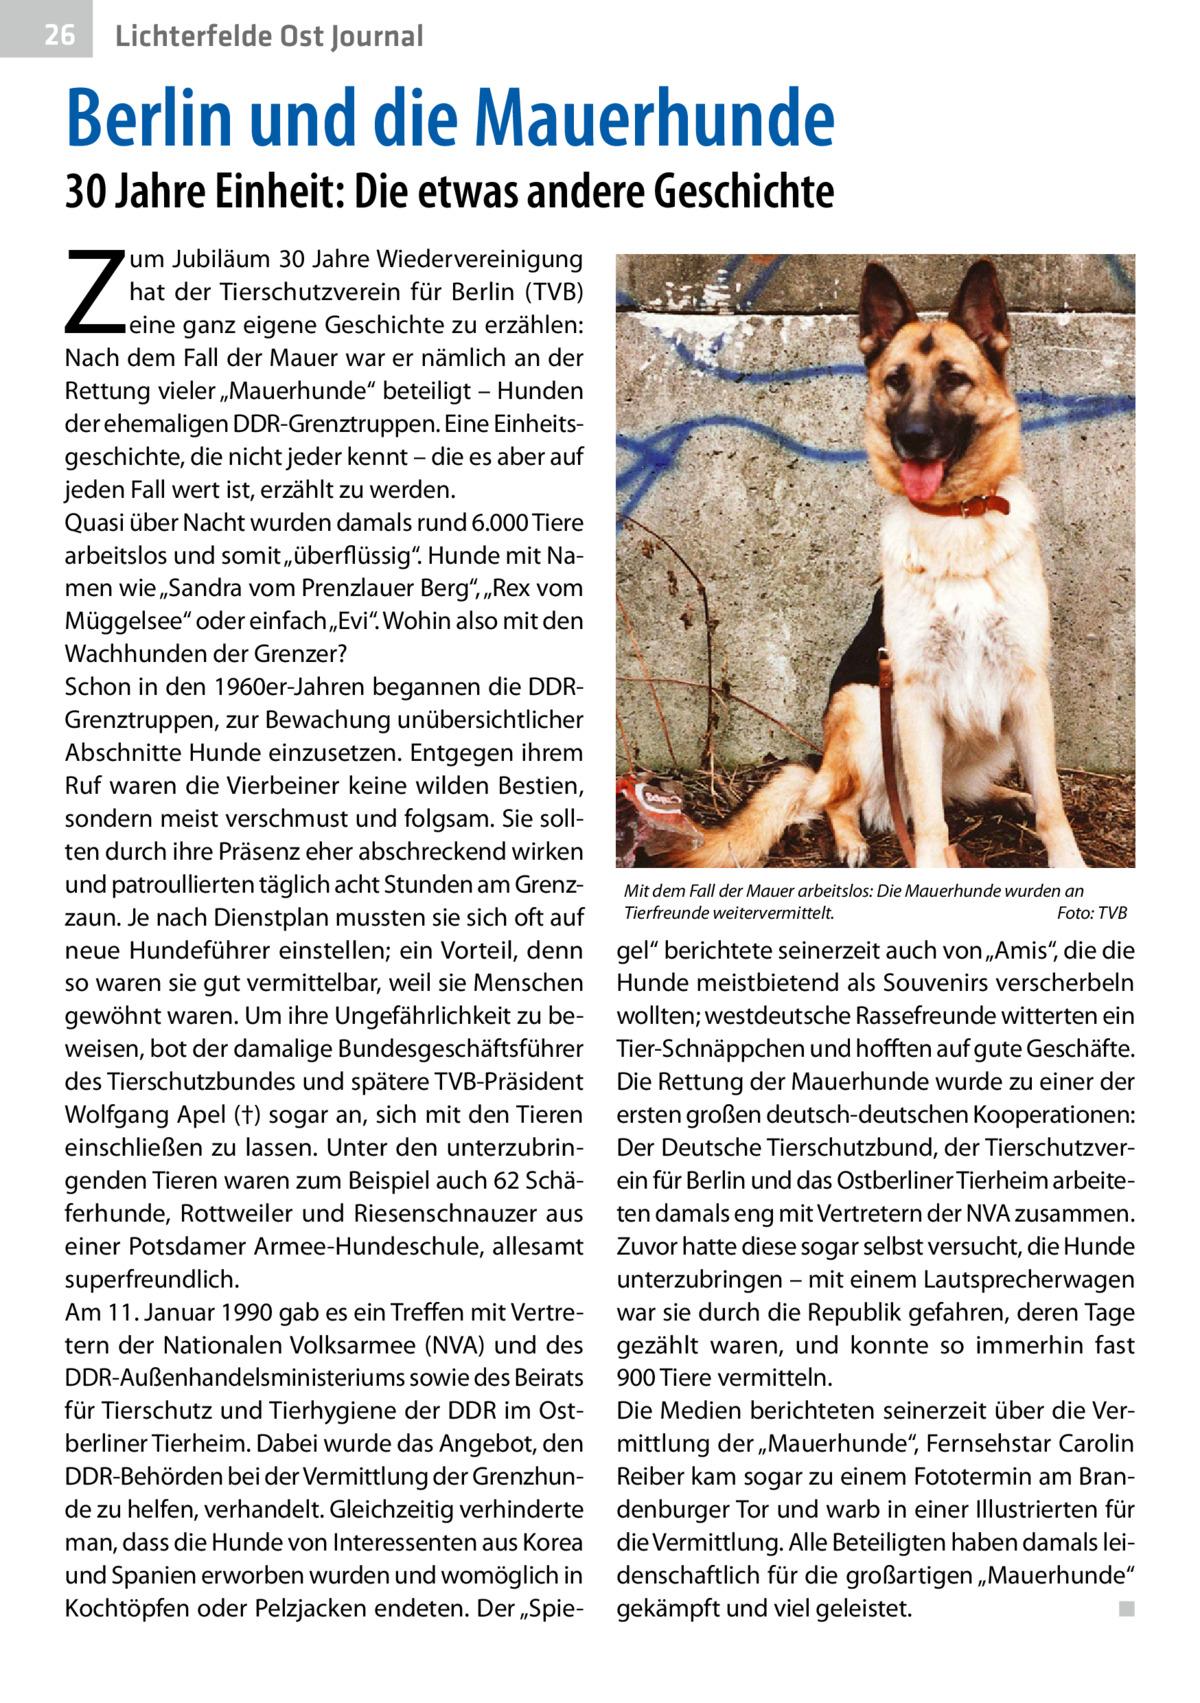 """26  Gesundheit Ost Journal Lichterfelde  Berlin und die Mauerhunde 30Jahre Einheit: Die etwas andere Geschichte  Z  um Jubiläum 30Jahre Wiedervereinigung hat der Tierschutzverein für Berlin (TVB) eine ganz eigene Geschichte zu erzählen: Nach dem Fall der Mauer war er nämlich an der Rettung vieler """"Mauerhunde"""" beteiligt – Hunden der ehemaligen DDR-Grenztruppen. Eine Einheitsgeschichte, die nicht jeder kennt – die es aber auf jeden Fall wert ist, erzählt zu werden. Quasi über Nacht wurden damals rund 6.000Tiere arbeitslos und somit """"überflüssig"""". Hunde mit Namen wie """"Sandra vom Prenzlauer Berg"""", """"Rex vom Müggelsee"""" oder einfach """"Evi"""". Wohin also mit den Wachhunden der Grenzer? Schon in den 1960er-Jahren begannen die DDRGrenztruppen, zur Bewachung unübersichtlicher Abschnitte Hunde einzusetzen. Entgegen ihrem Ruf waren die Vierbeiner keine wilden Bestien, sondern meist verschmust und folgsam. Sie sollten durch ihre Präsenz eher abschreckend wirken und patroullierten täglich acht Stunden am Grenzzaun. Je nach Dienstplan mussten sie sich oft auf neue Hundeführer einstellen; ein Vorteil, denn so waren sie gut vermittelbar, weil sie Menschen gewöhnt waren. Um ihre Ungefährlichkeit zu beweisen, bot der damalige Bundesgeschäftsführer des Tierschutzbundes und spätere TVB-Präsident Wolfgang Apel(†) sogar an, sich mit den Tieren einschließen zu lassen. Unter den unterzubringenden Tieren waren zum Beispiel auch 62Schäferhunde, Rottweiler und Riesenschnauzer aus einer Potsdamer Armee-Hundeschule, allesamt superfreundlich. Am 11.Januar 1990 gab es ein Treffen mit Vertretern der Nationalen Volksarmee (NVA) und des DDR-Außenhandelsministeriums sowie des Beirats für Tierschutz und Tierhygiene der DDR im Ostberliner Tierheim. Dabei wurde das Angebot, den DDR-Behörden bei der Vermittlung der Grenzhunde zu helfen, verhandelt. Gleichzeitig verhinderte man, dass die Hunde von Interessenten aus Korea und Spanien erworben wurden und womöglich in Kochtöpfen oder Pelzjacken endeten. Der """"Spie"""